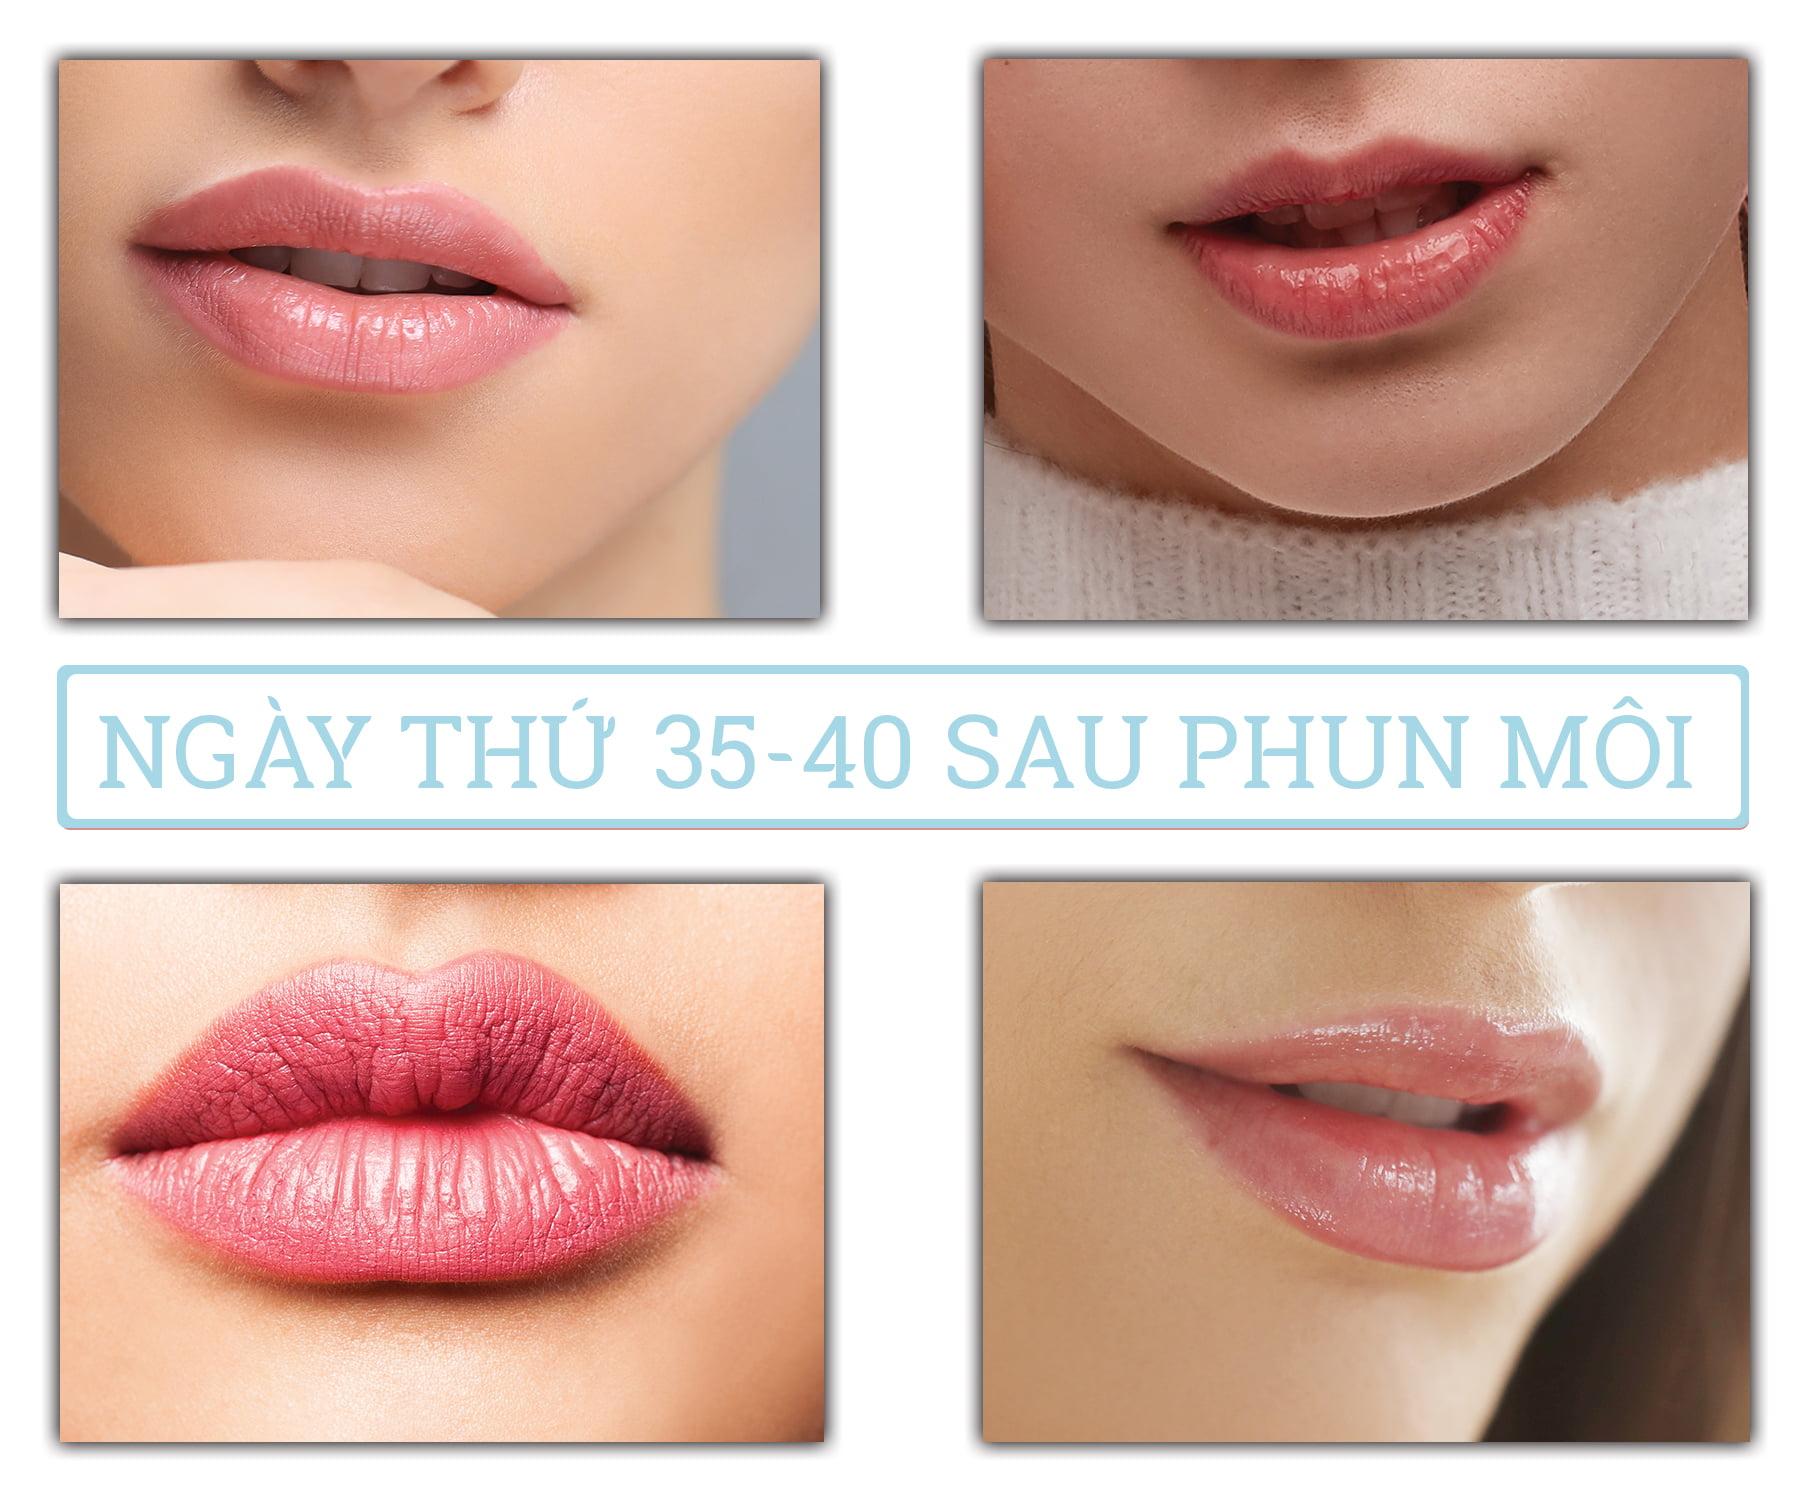 Quá trình phục hồi sau phun môi: Ngày 35-40